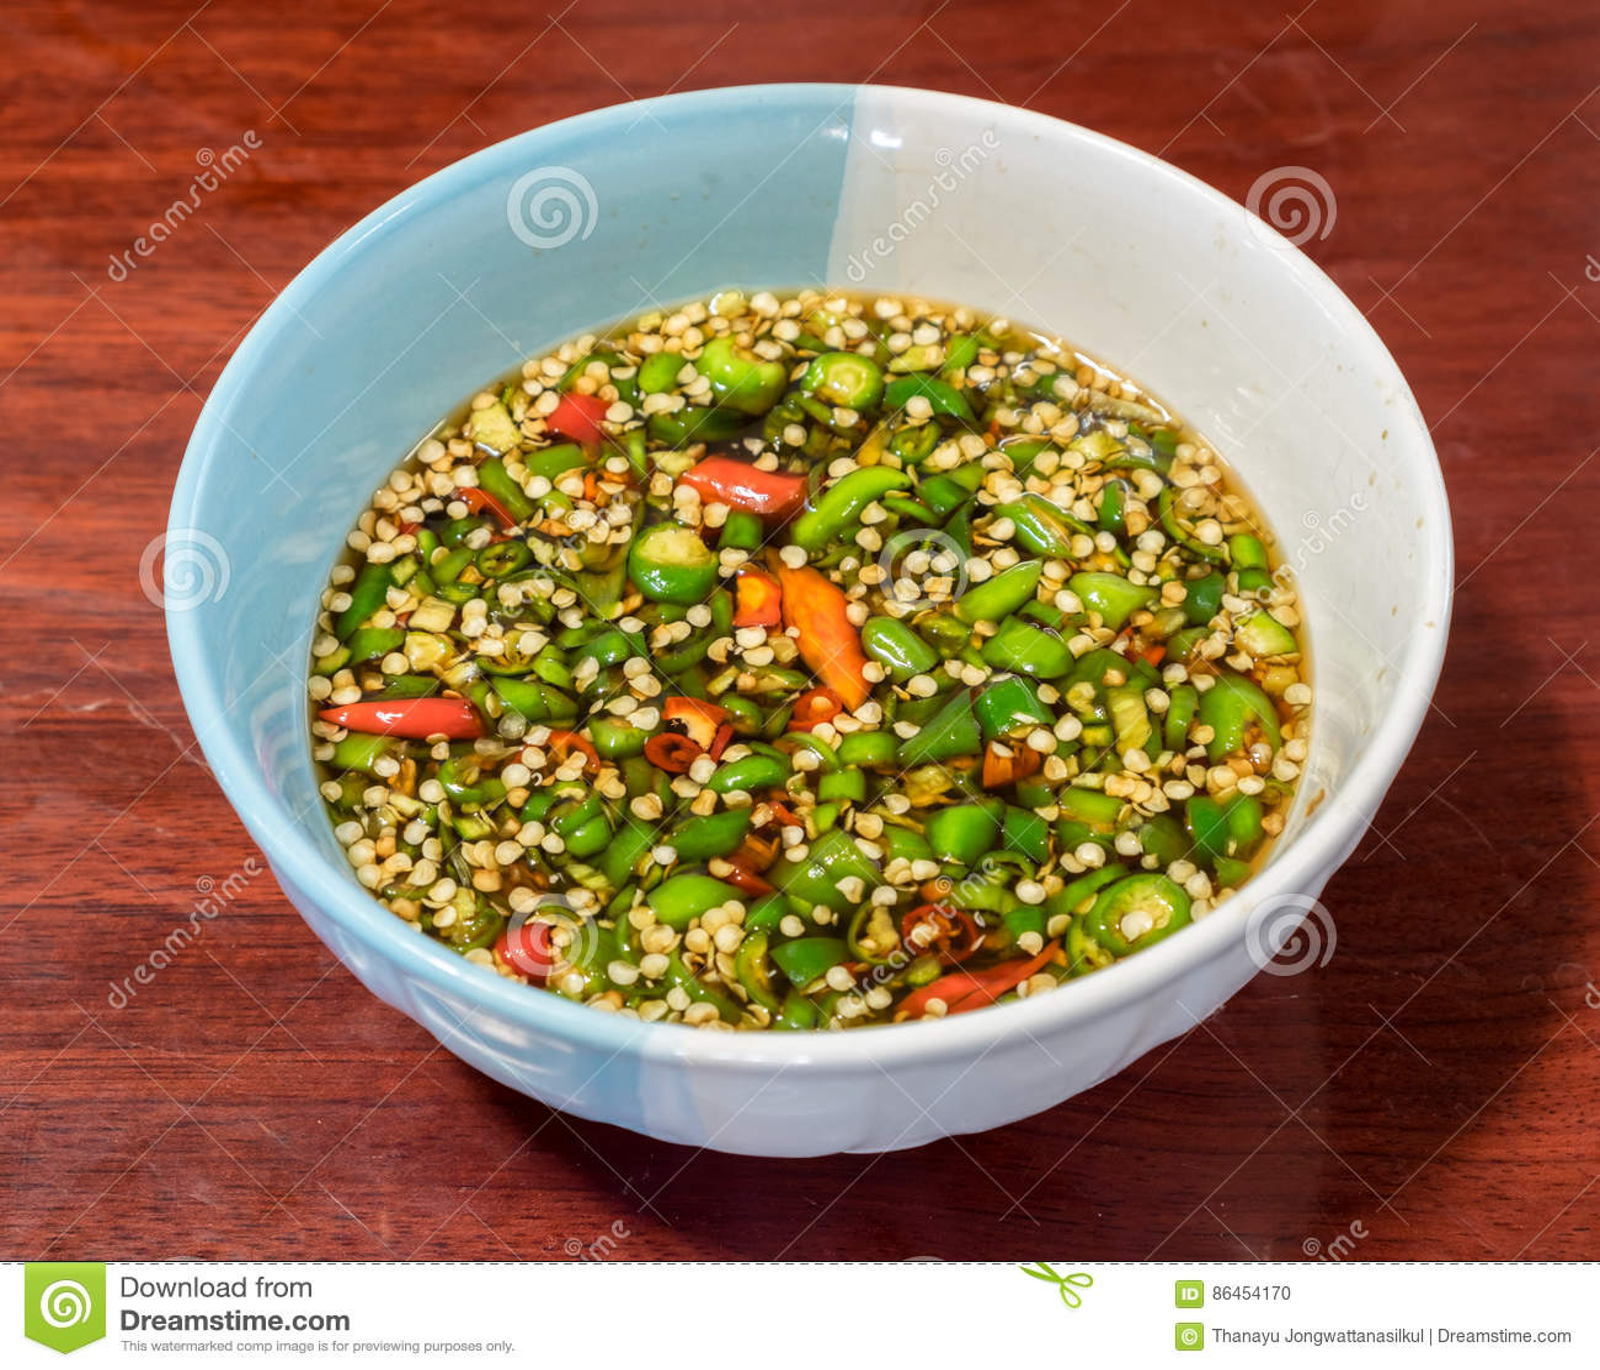 Decore os pimentões cortados no molho de sal no copo